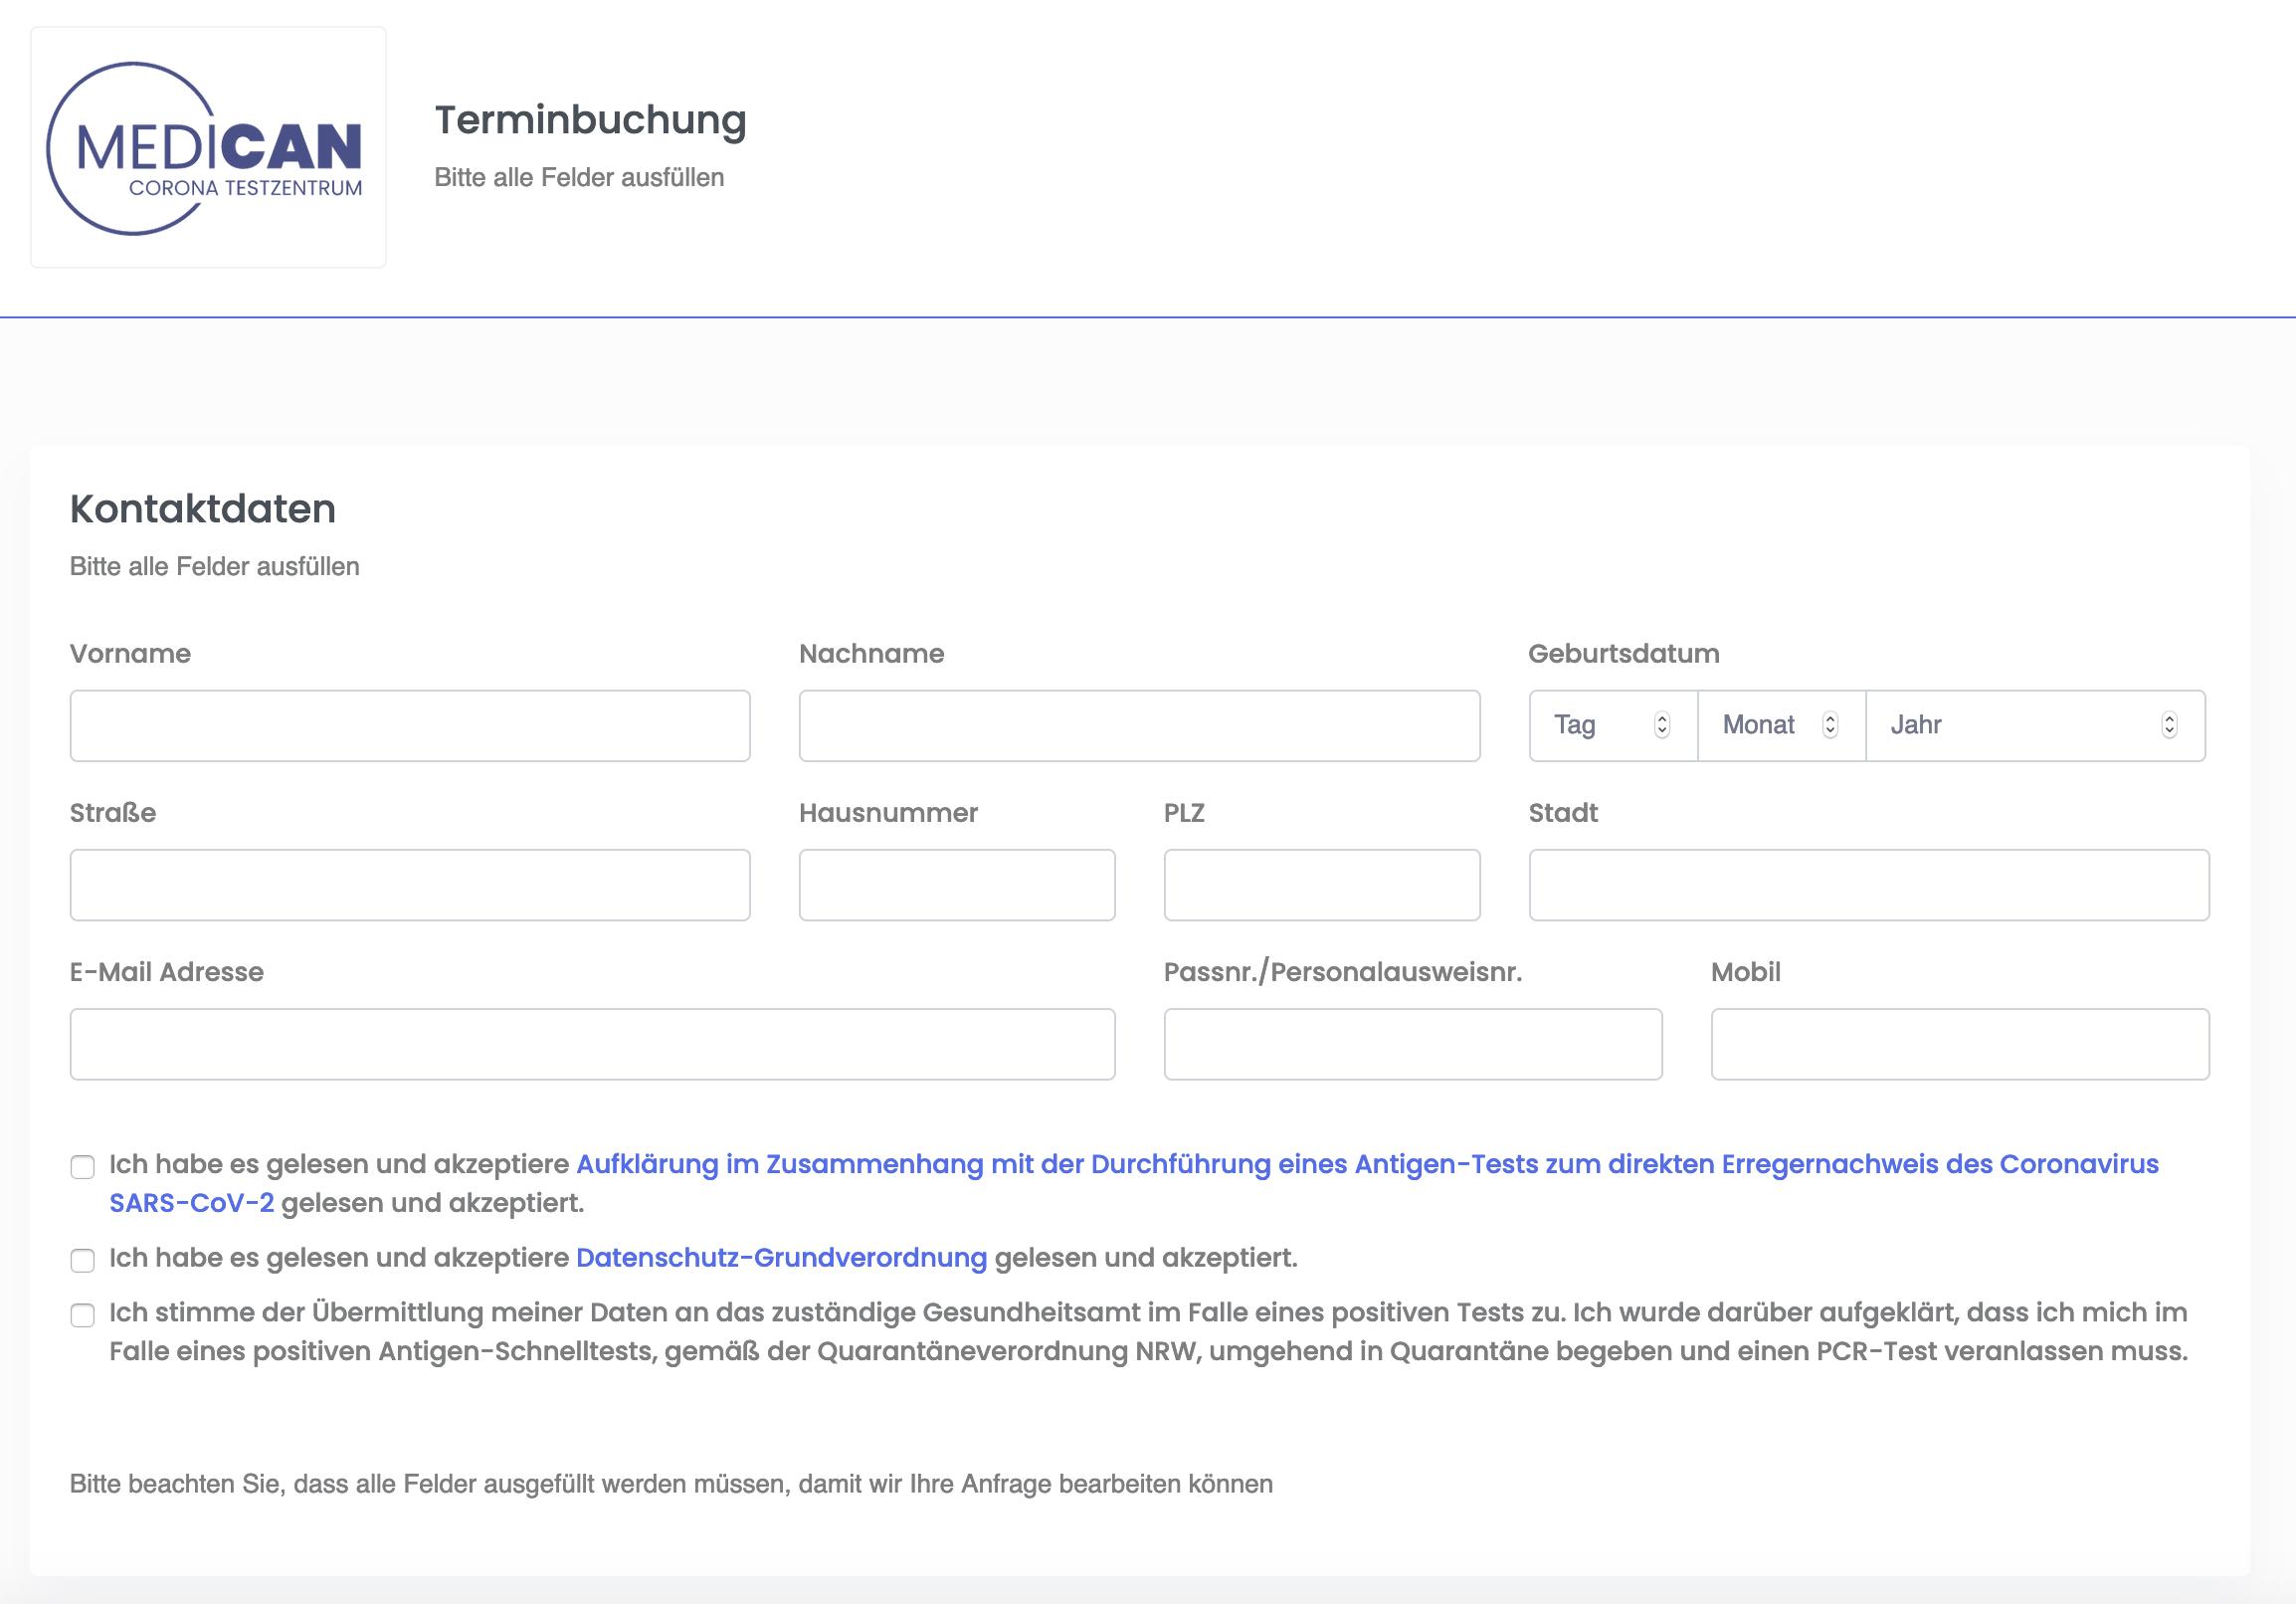 Screenshot der Voranmeldung zum Test